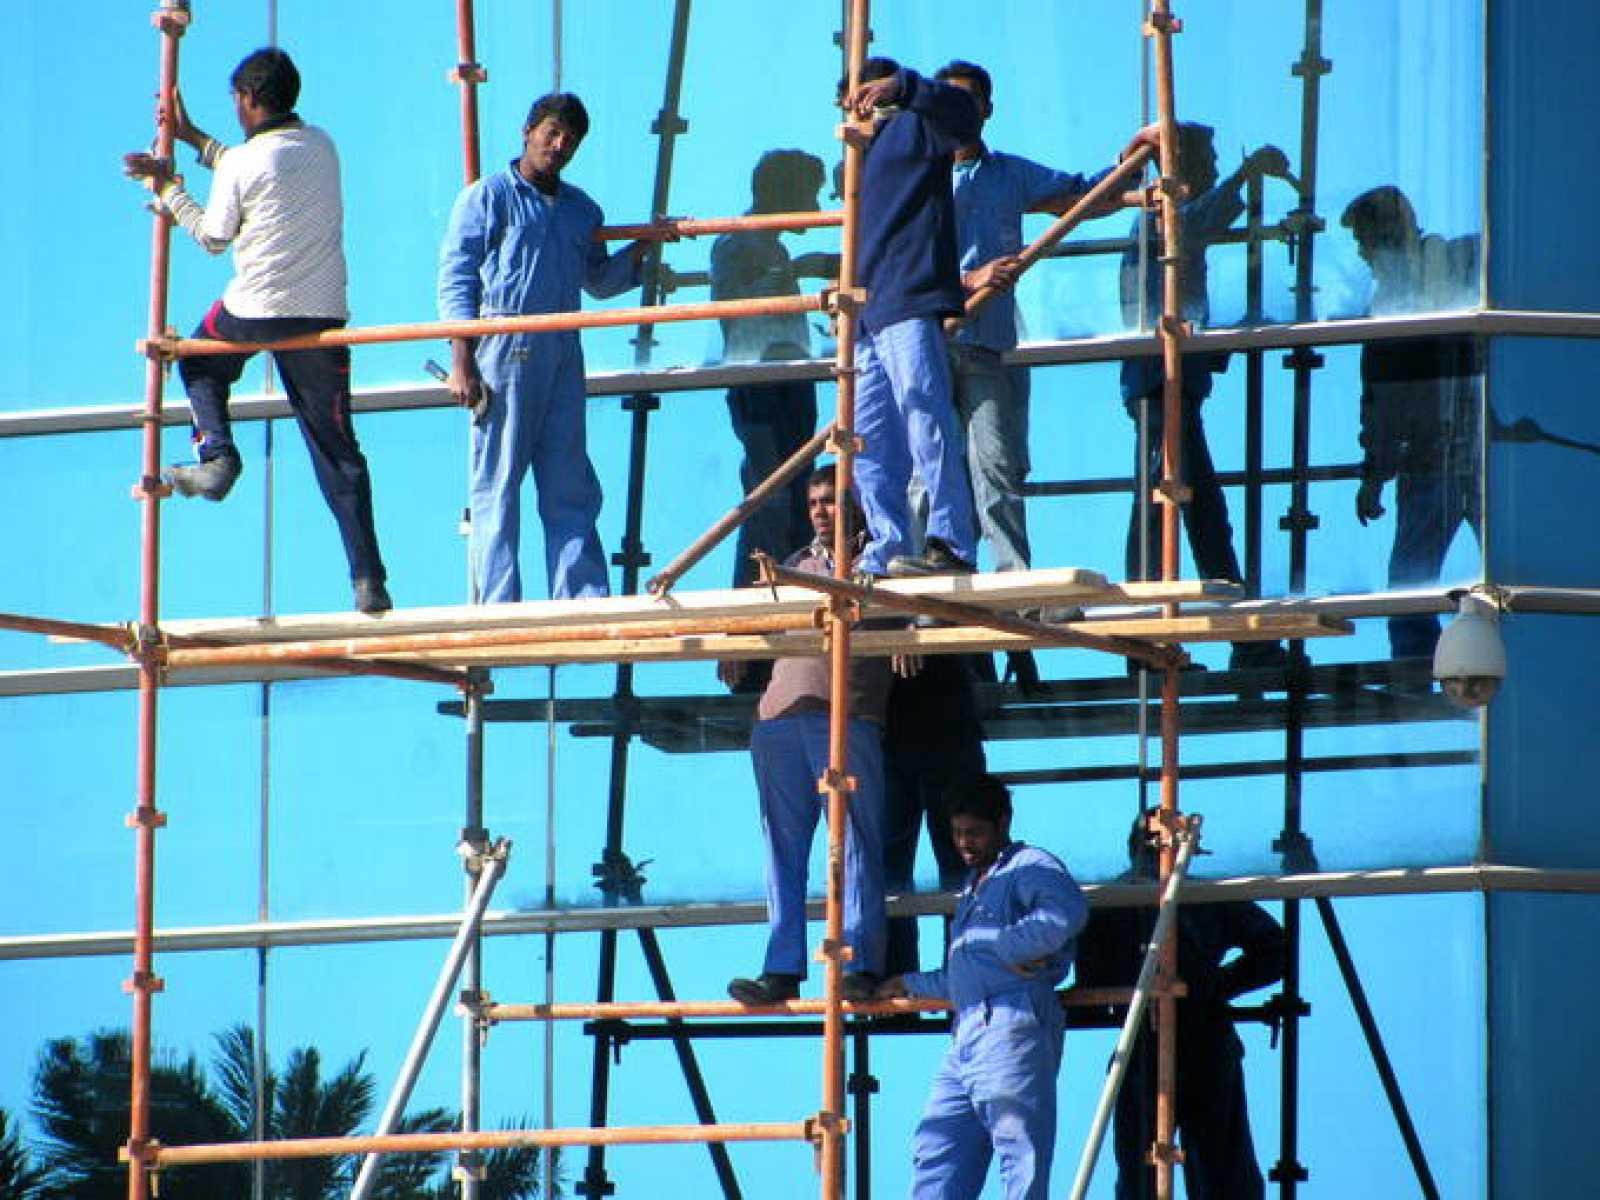 Trabajadores en andamios de Catar.